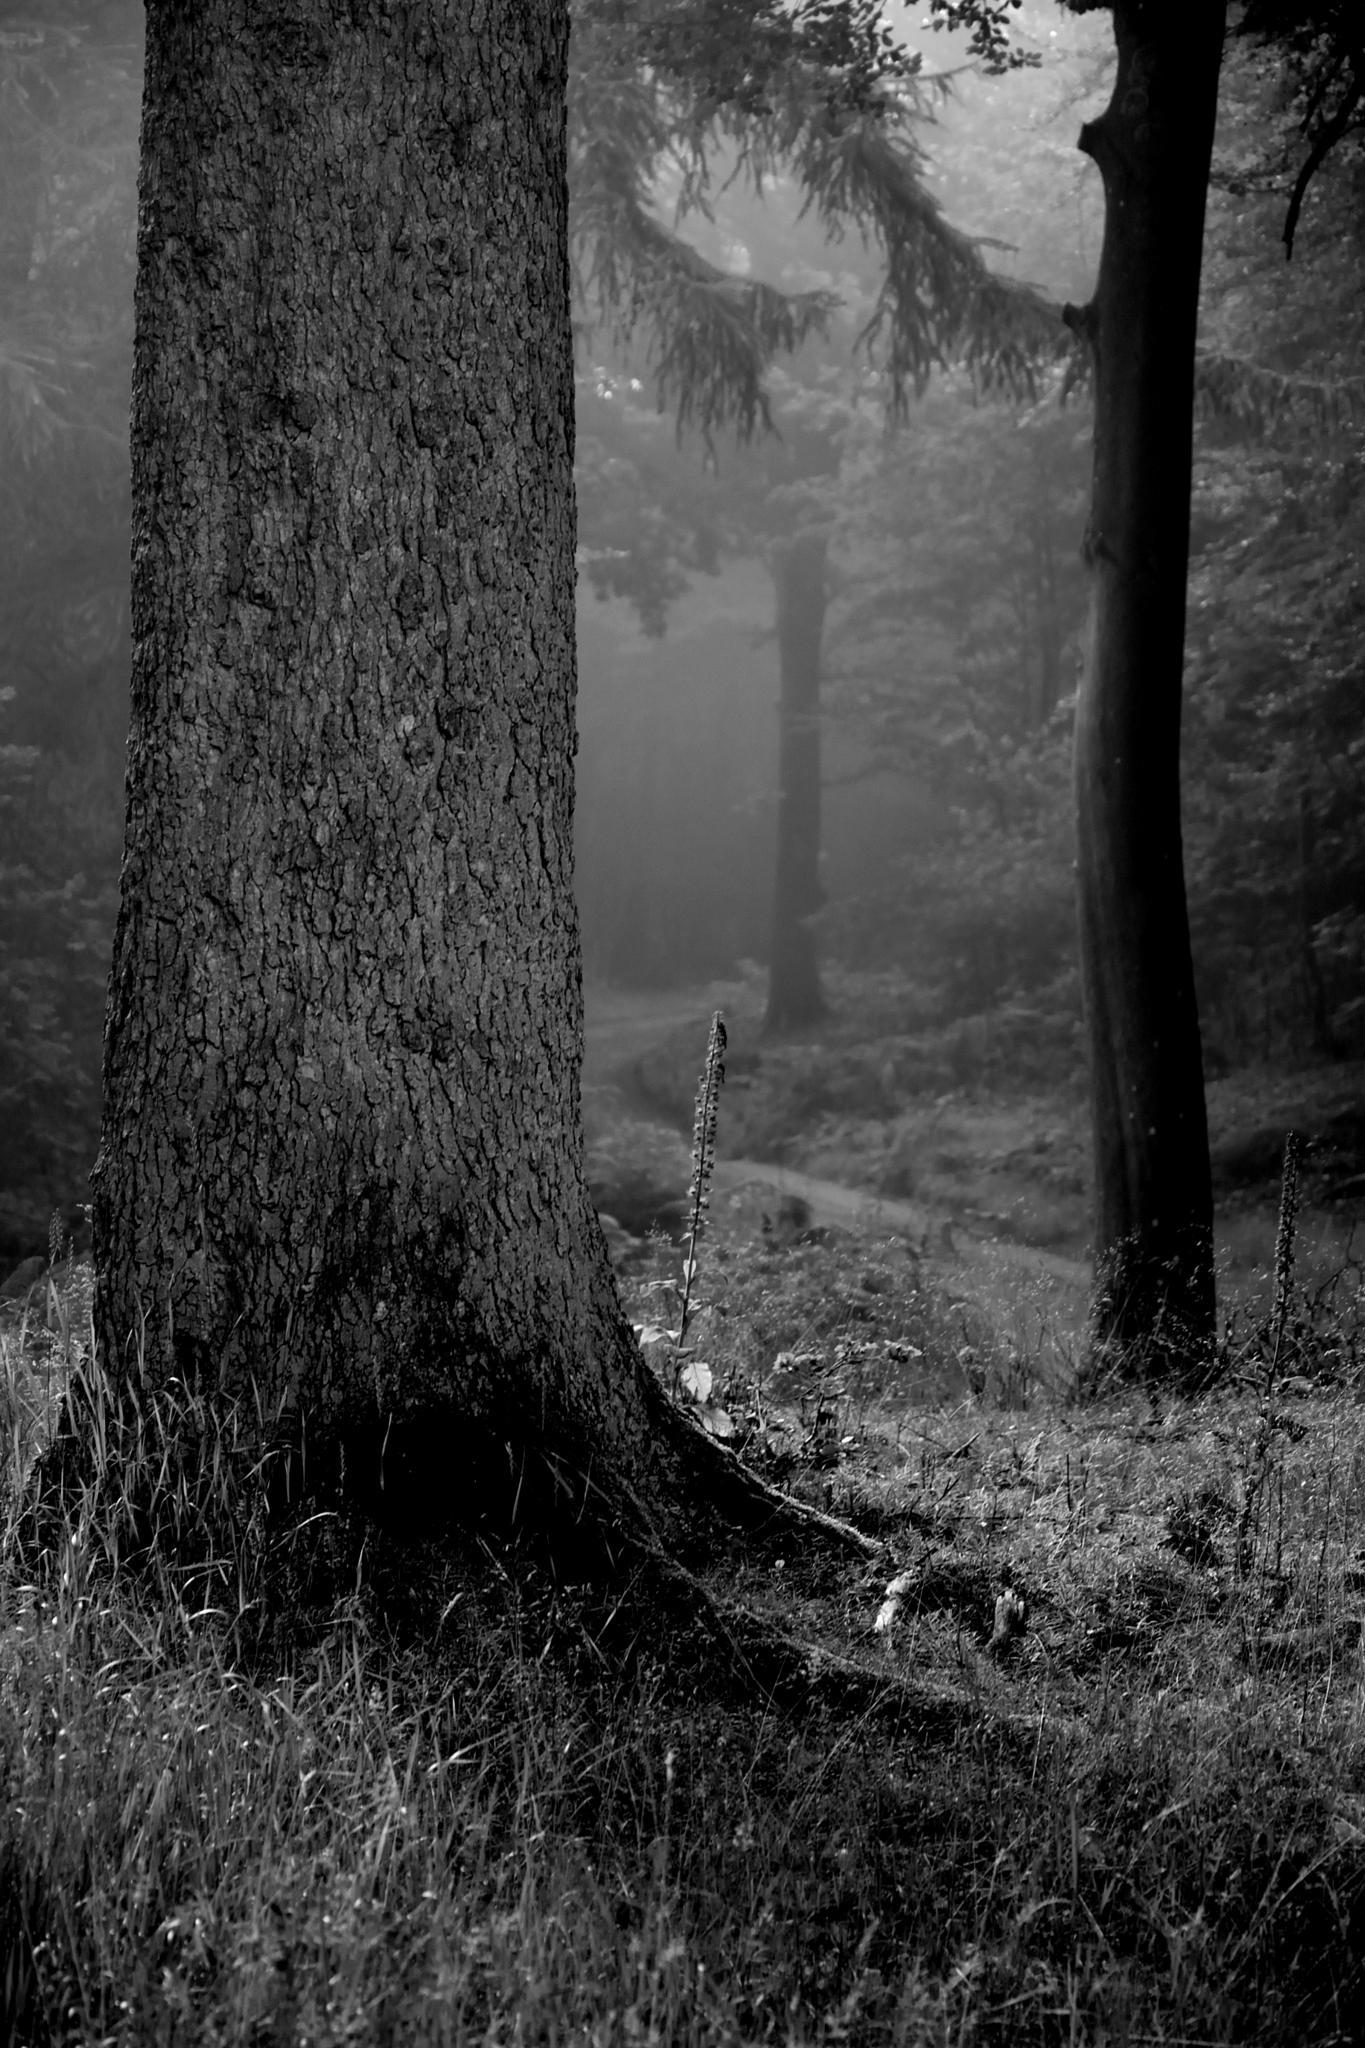 Morning Mist by Poul-Erik Riis